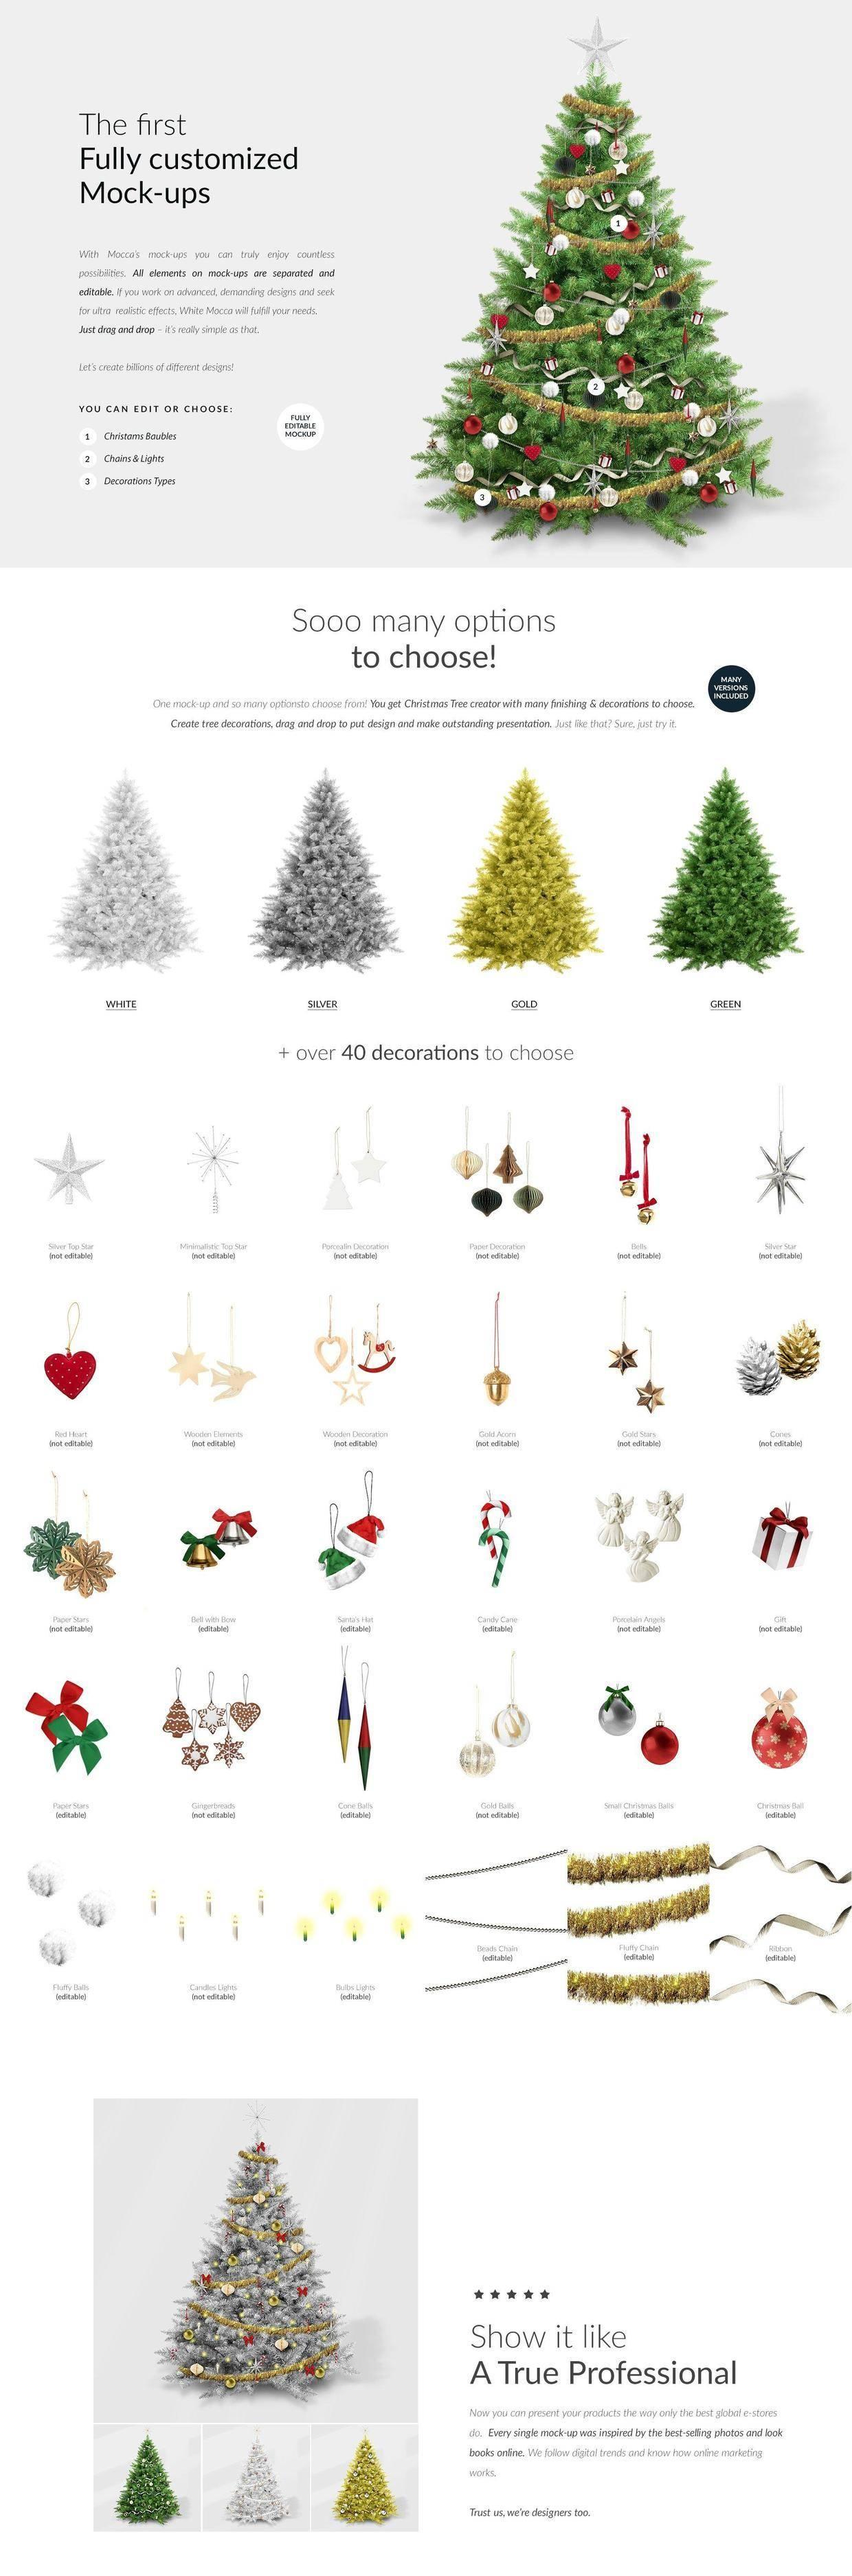 圣诞树DIY素材,多款圣诞树和挂件随意定制哦~